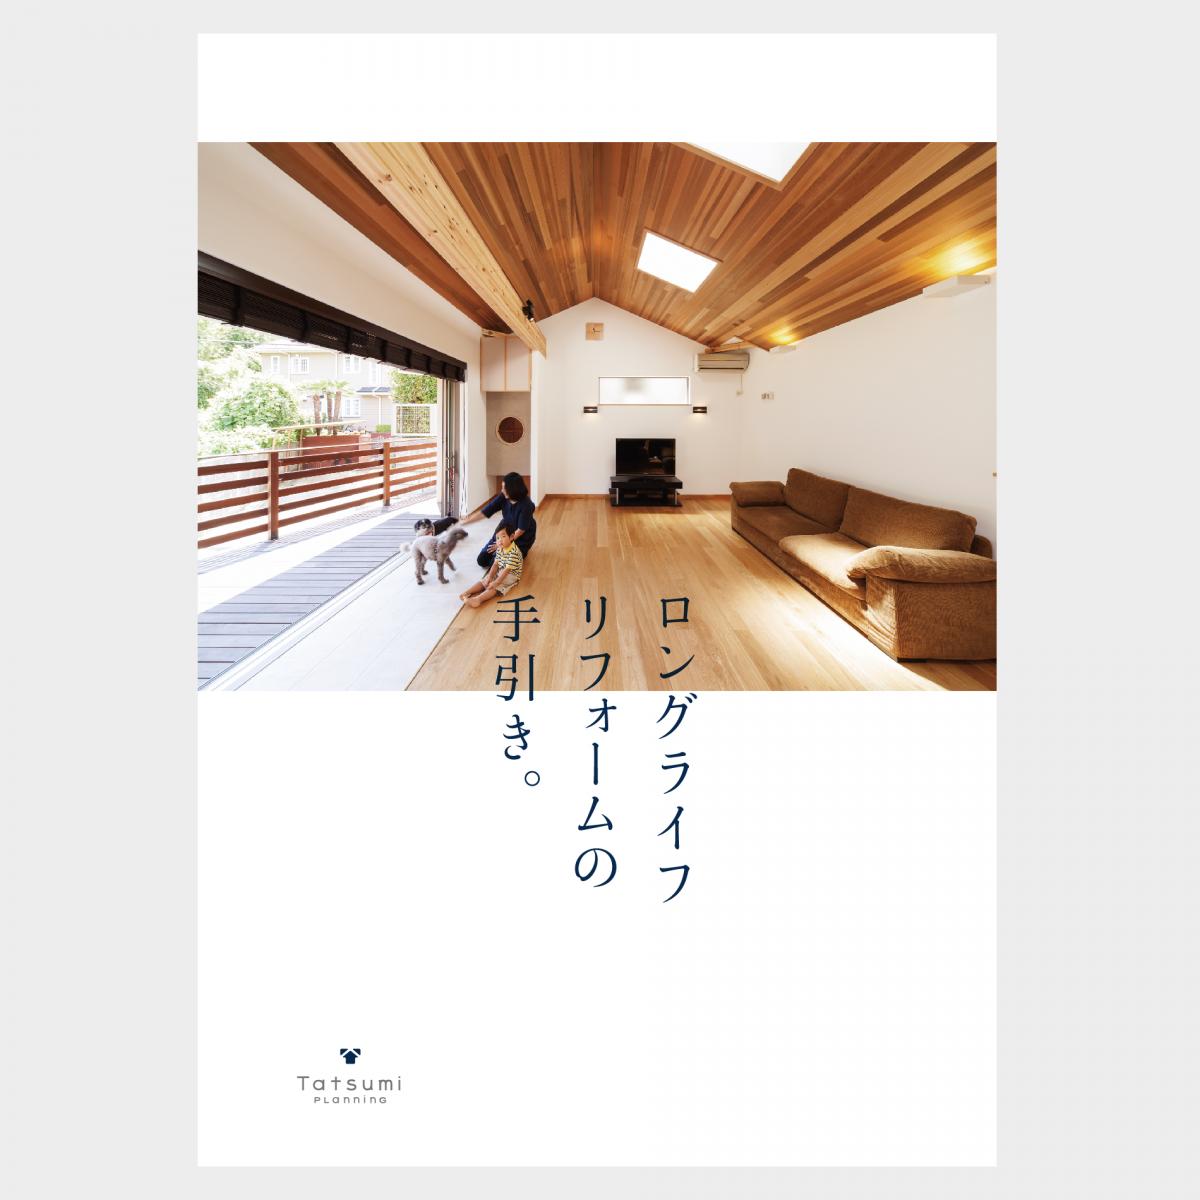 Tatsumi Planning|『ロングライフリフォームの手引き』|パンフレット グラフィックデザイン コピー|建築施工 ハウスメーカー・リノベーション|神奈川県横浜市